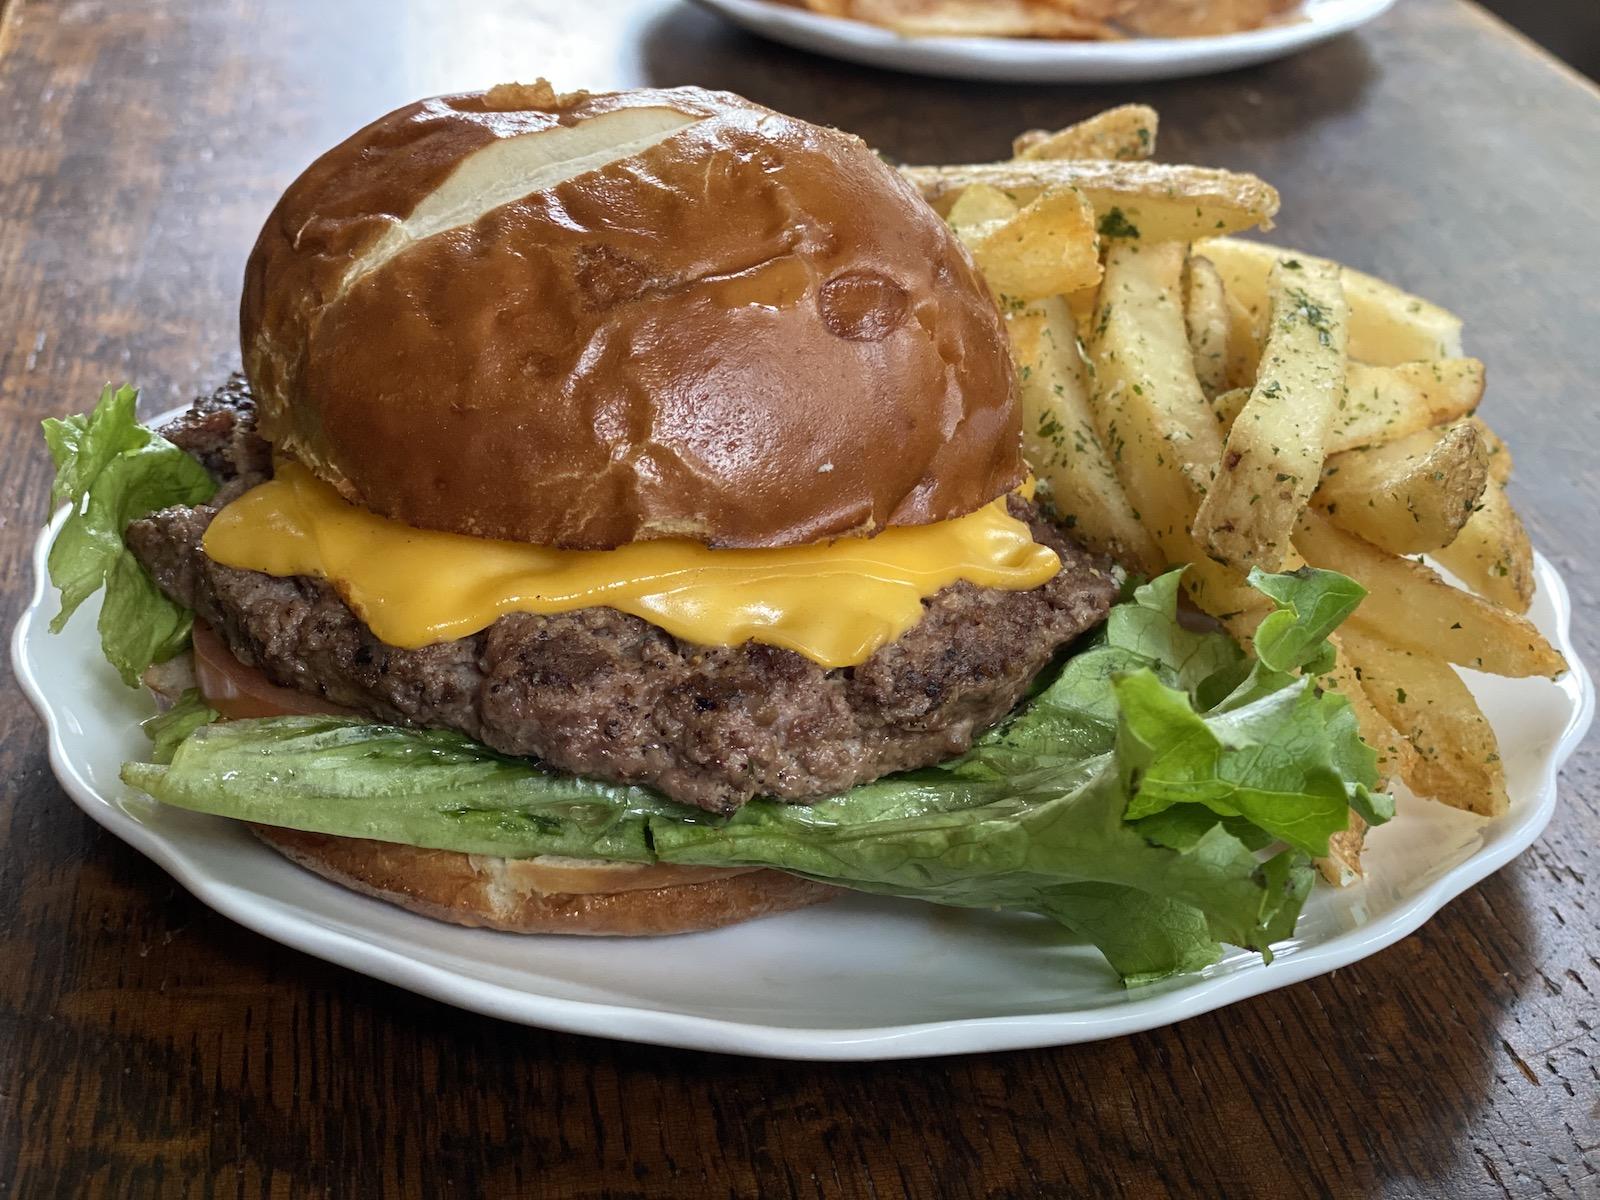 The Brew Burger at The Explorium Brewpub